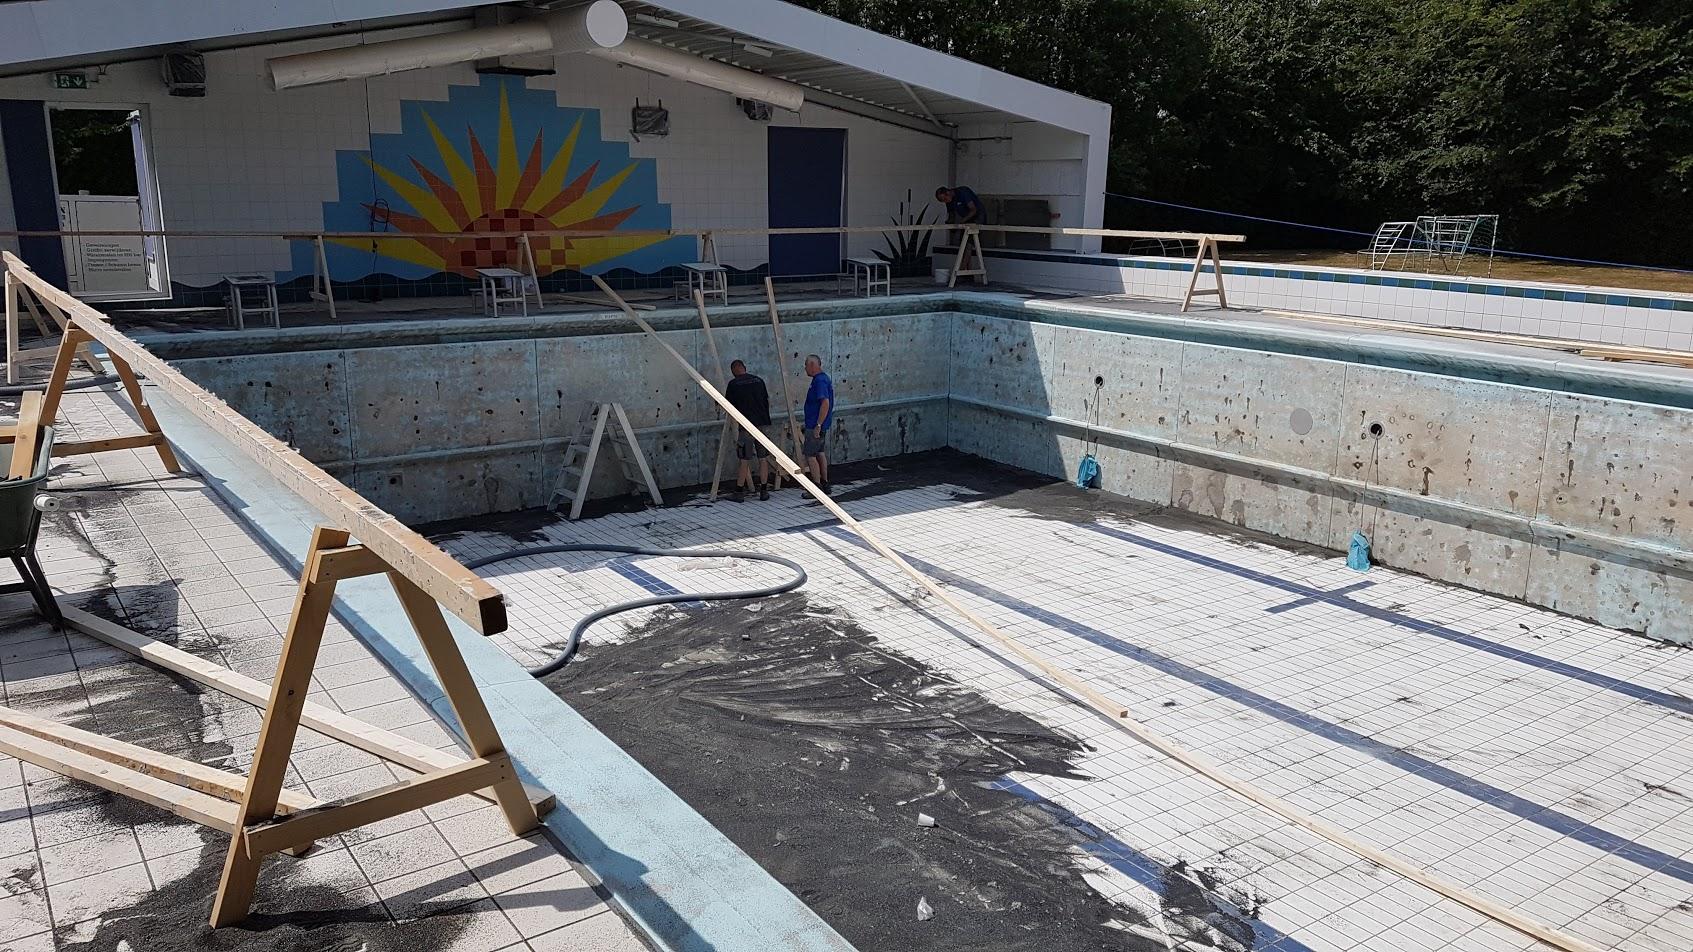 Renovatie zwembad de kragge zwartsluis koers for Renovatie zwembad